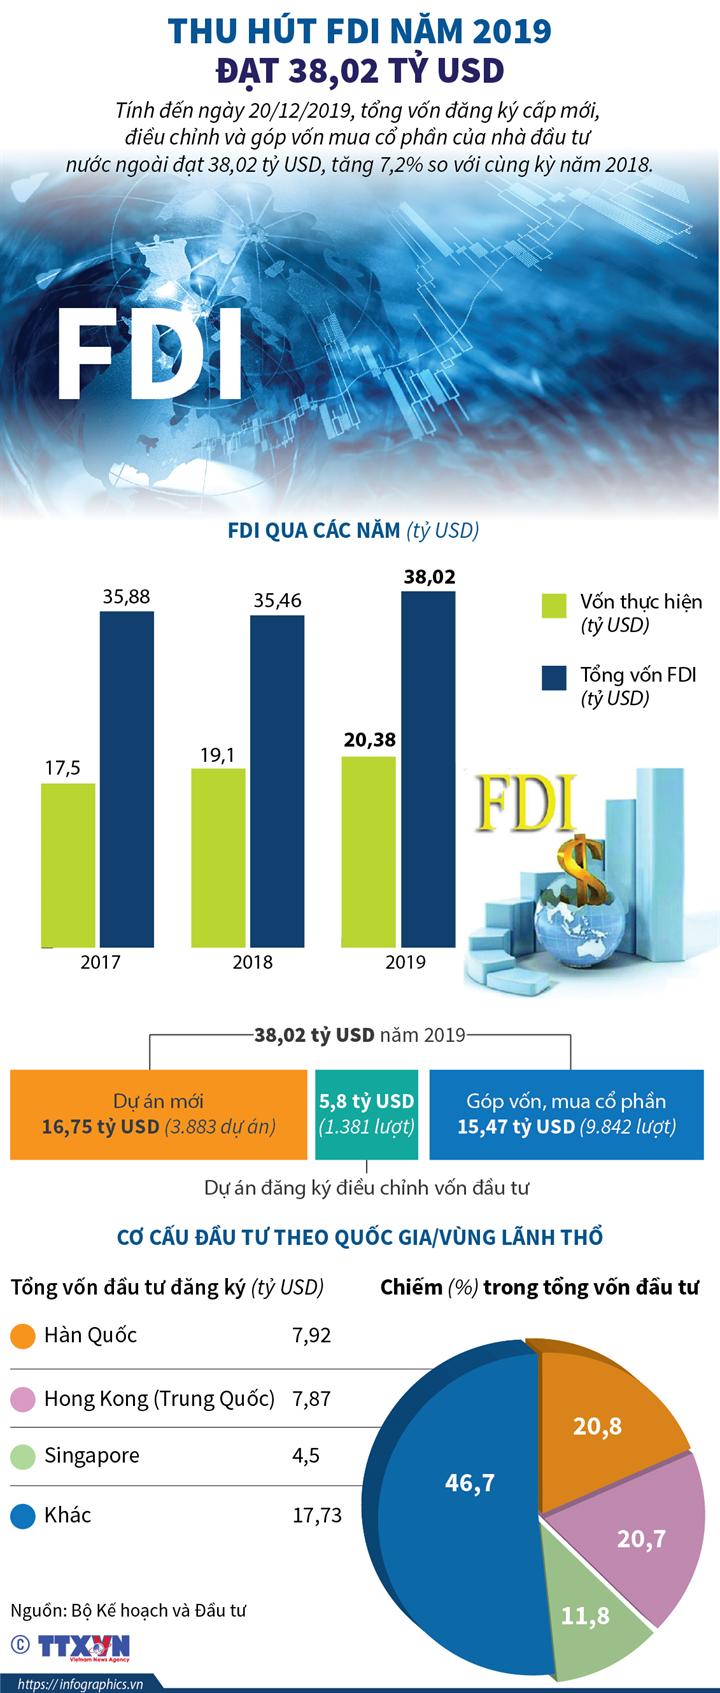 Thu hút FDI năm 2019 đạt 38,02 tỷ USD